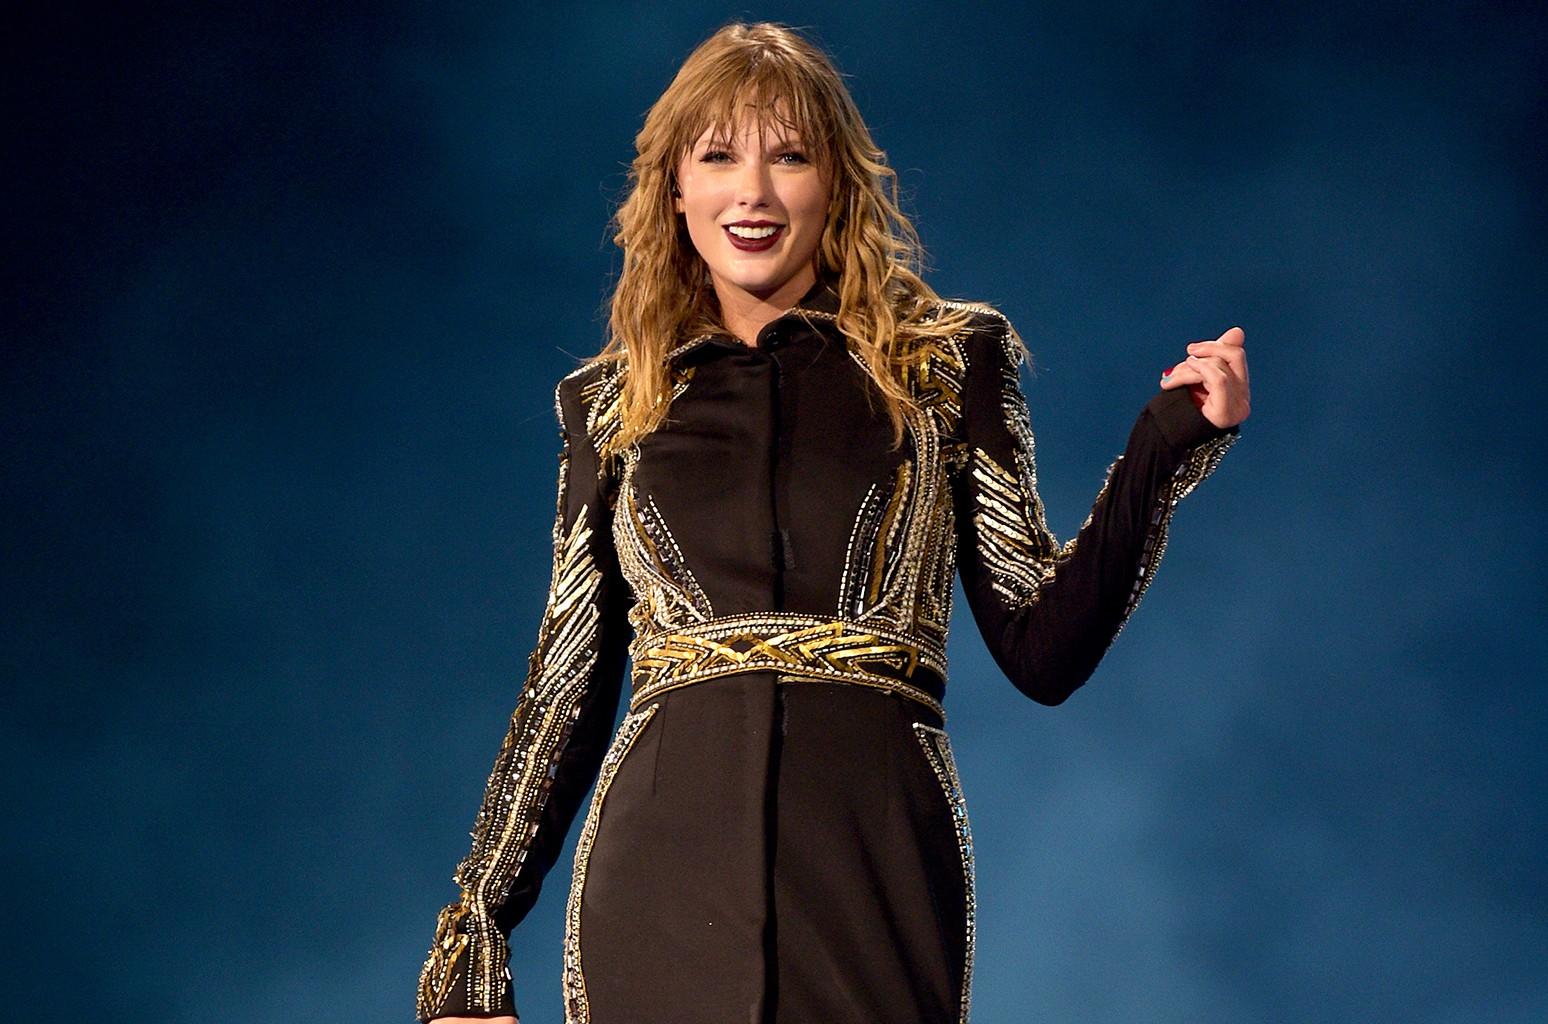 Top 10 sao dưới 30 tuổi kiếm nhiều tiền nhất: Người đứng đầu làm ra 3.890 tỷ một năm, gấp đôi cả Taylor Swift! - Ảnh 7.